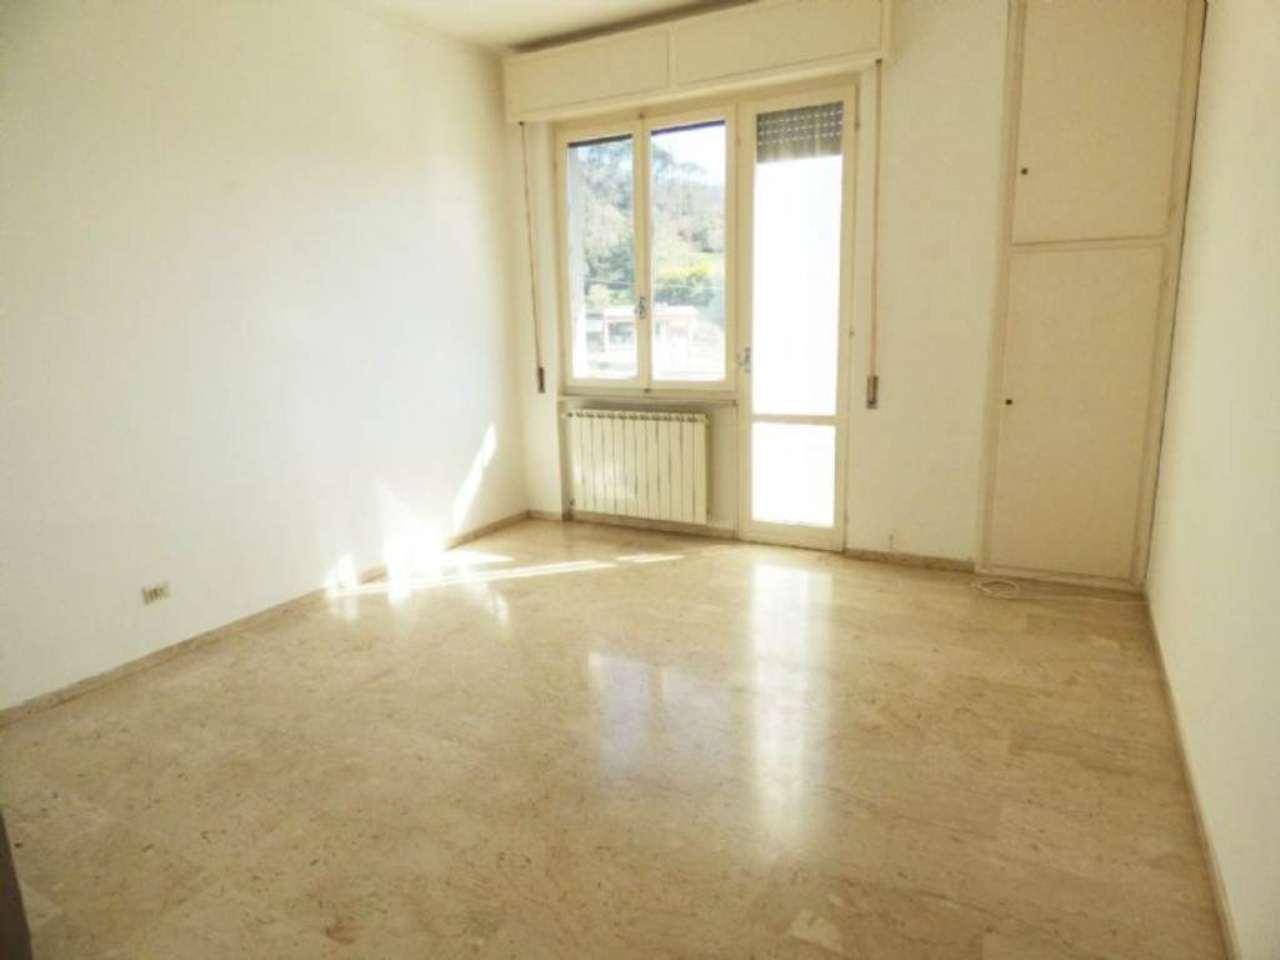 Appartamento in vendita a San Colombano Certenoli, 3 locali, prezzo € 99.000 | Cambio Casa.it